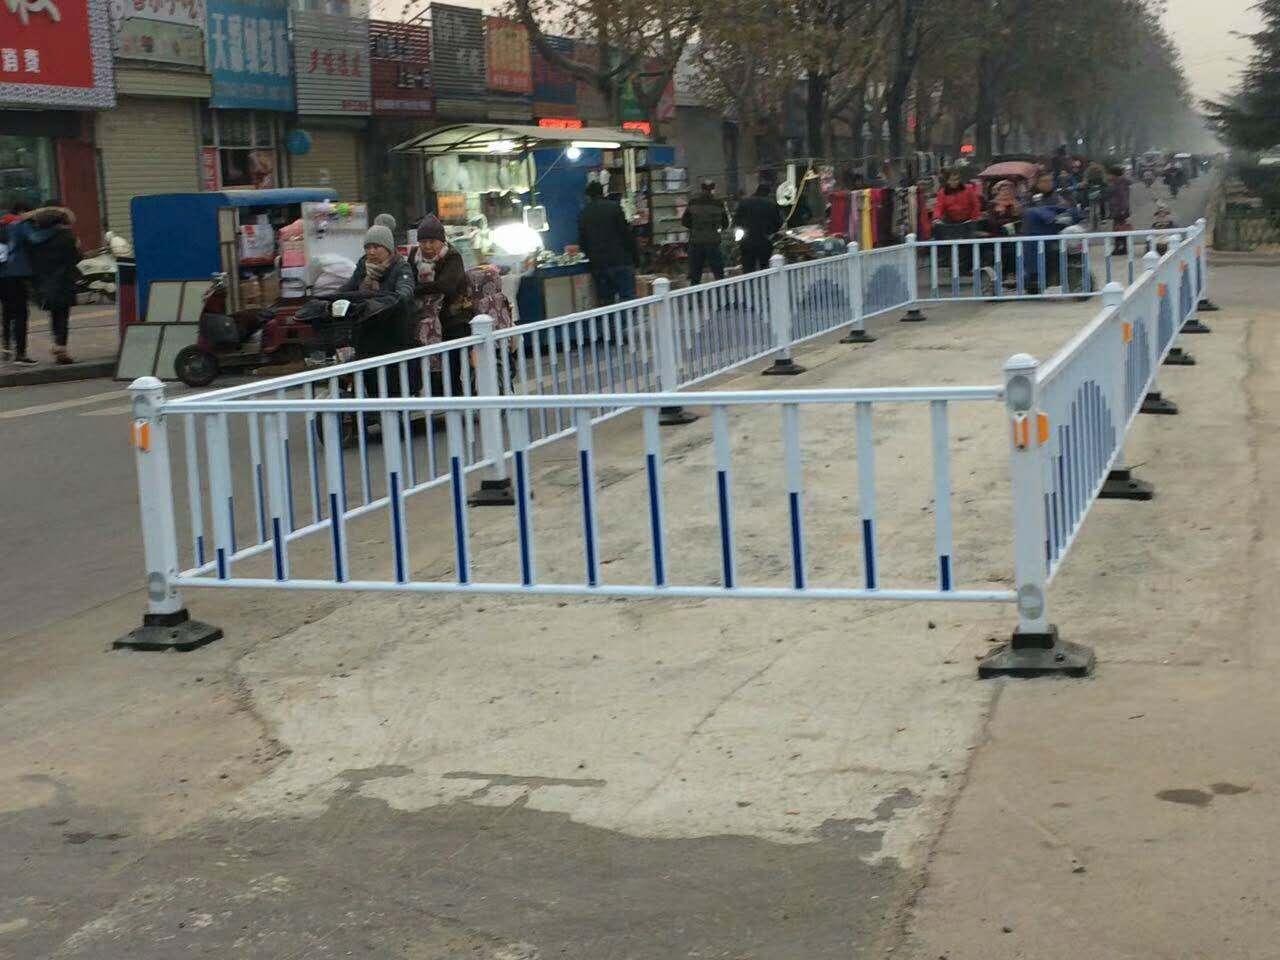 兰州市政护栏、市政道路护栏、市政护栏厂家